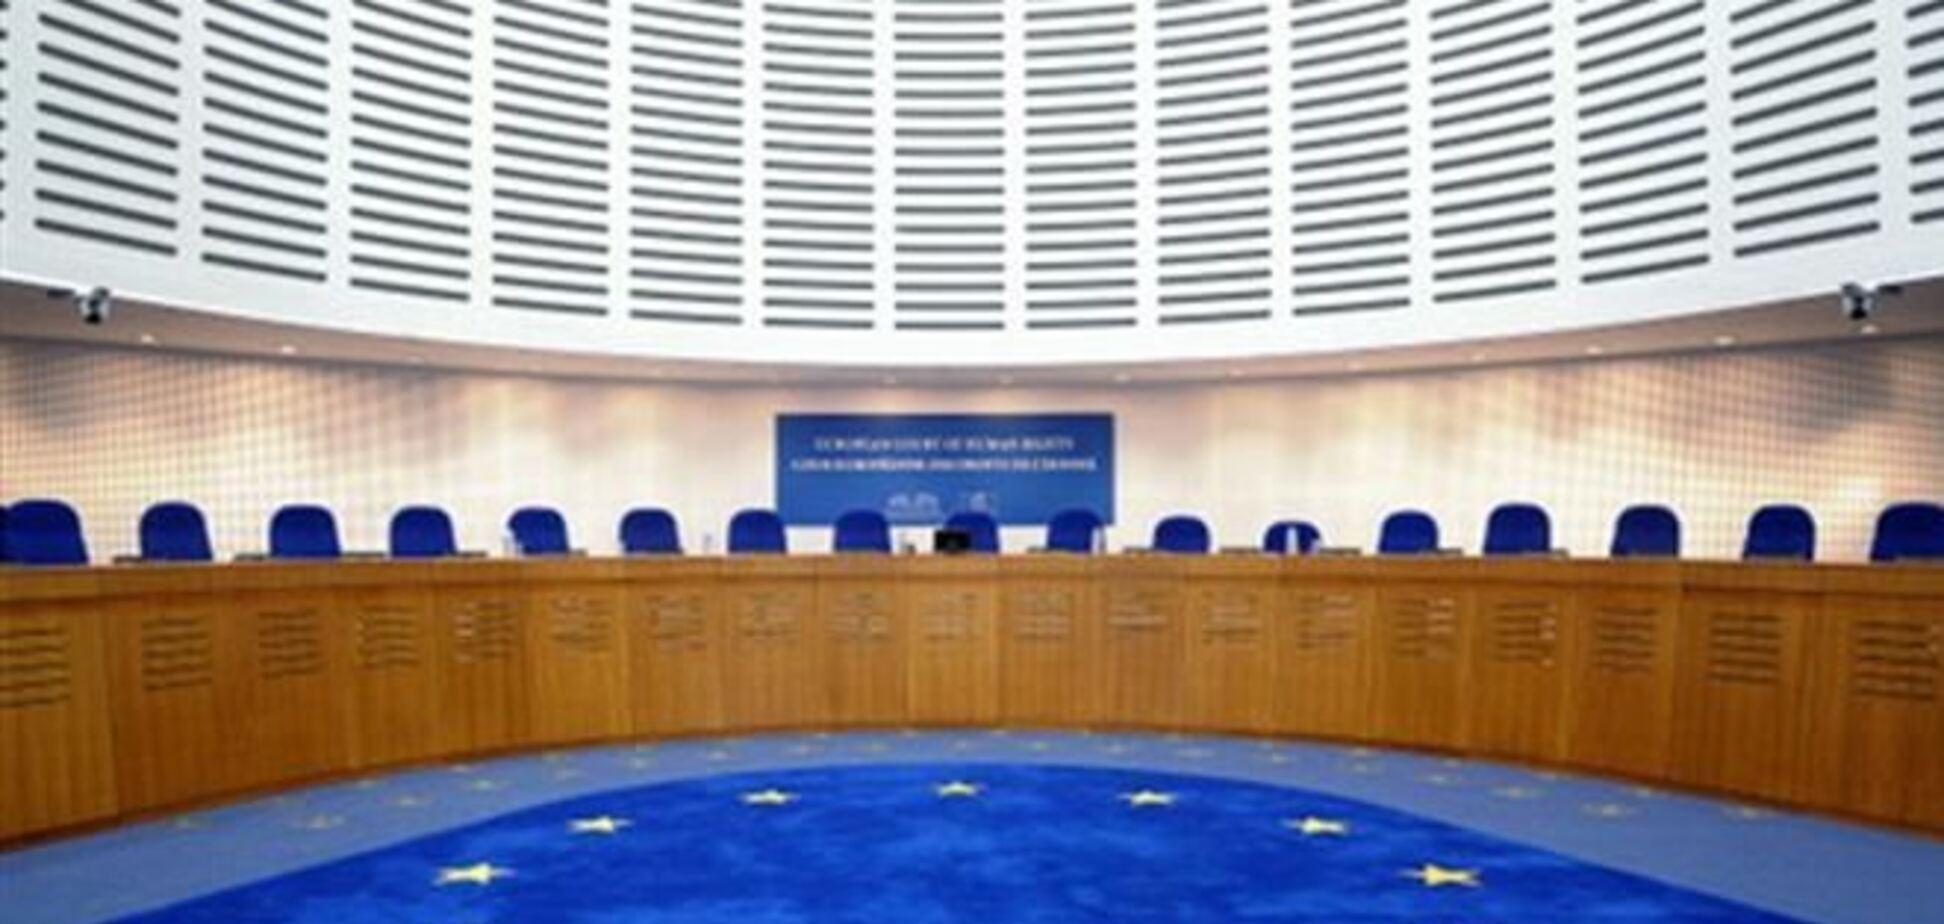 Українець відсудив у влади € 9 тис за порушення прав людини